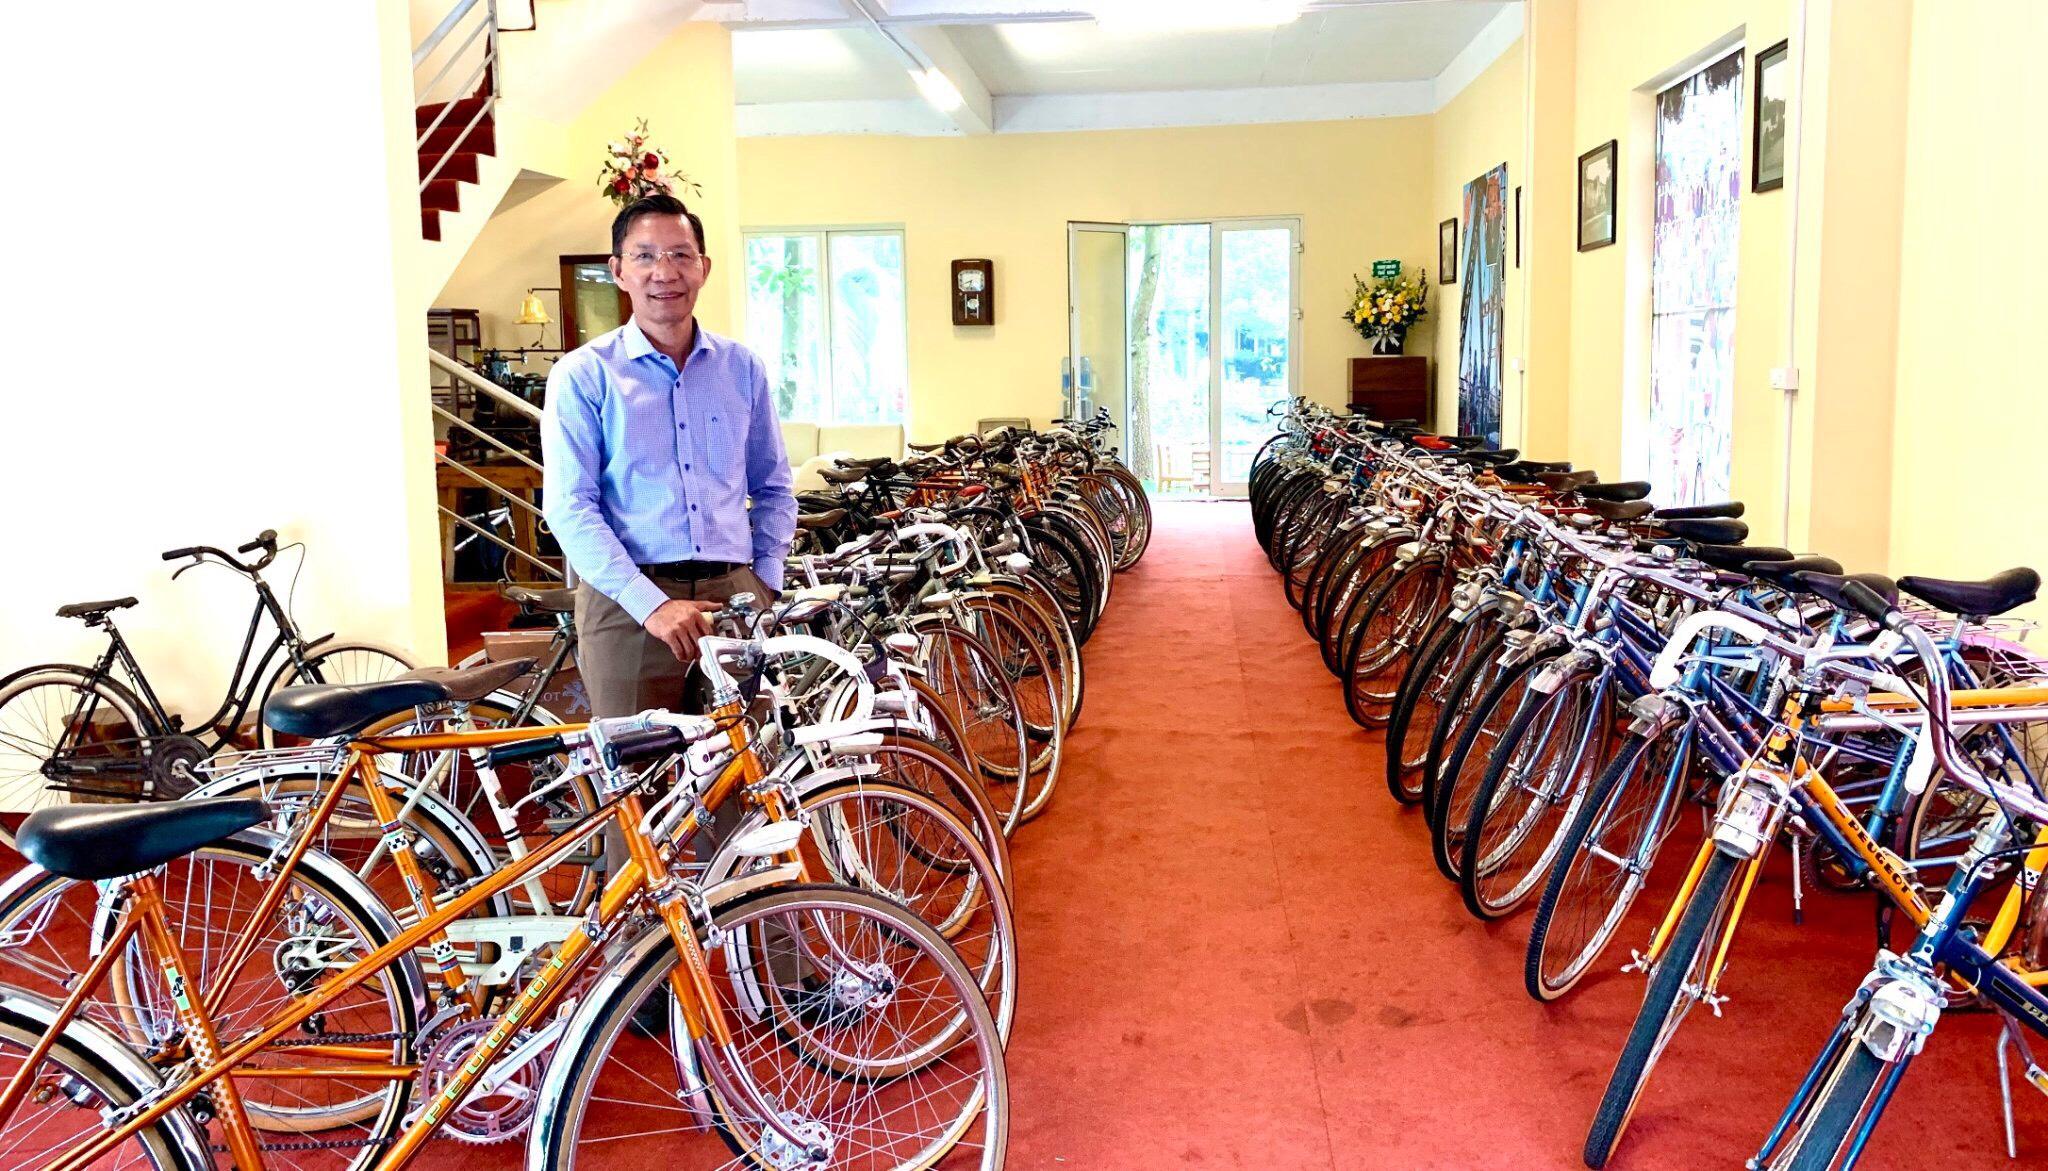 Bộ sưu tập xe đạp PEUGEOT sản xuất tại Cộng hòa Pháp của Kỷ lục gia Đào Xuân Tình